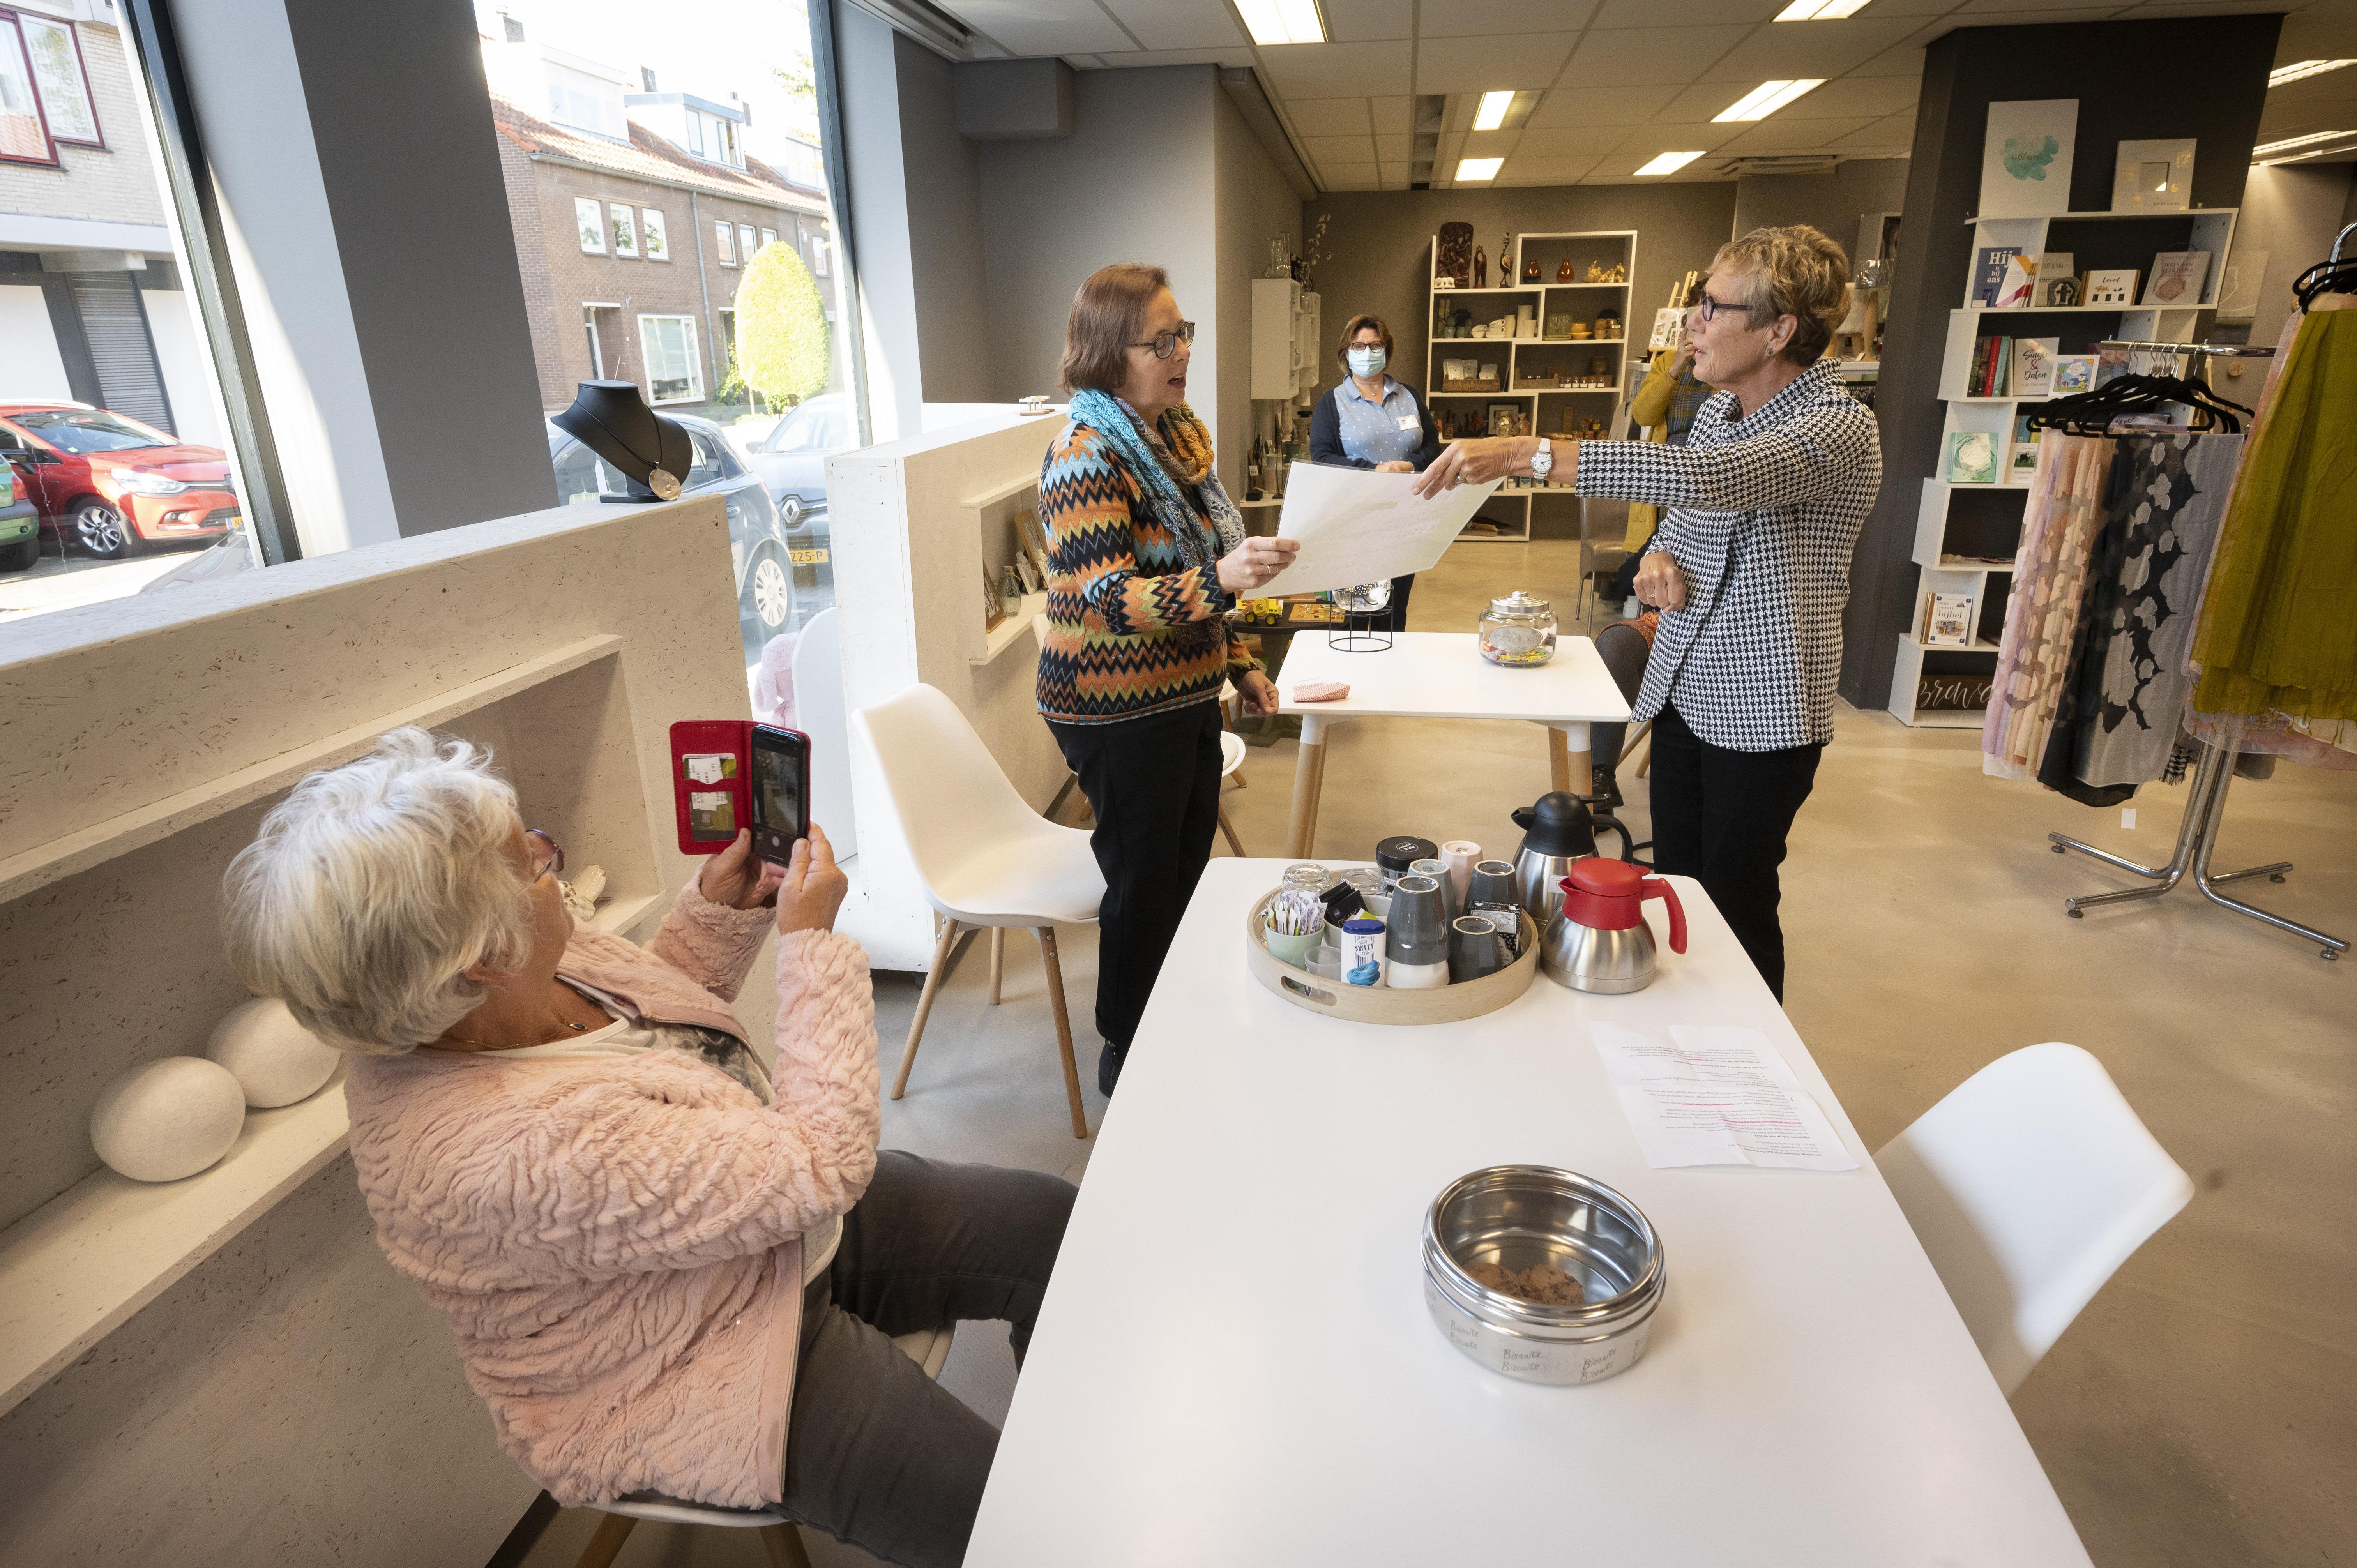 Teylinger Prijs voor Voorhoutse winkel met een praatje: 'Mooi beginnetje om zonwering te kopen'